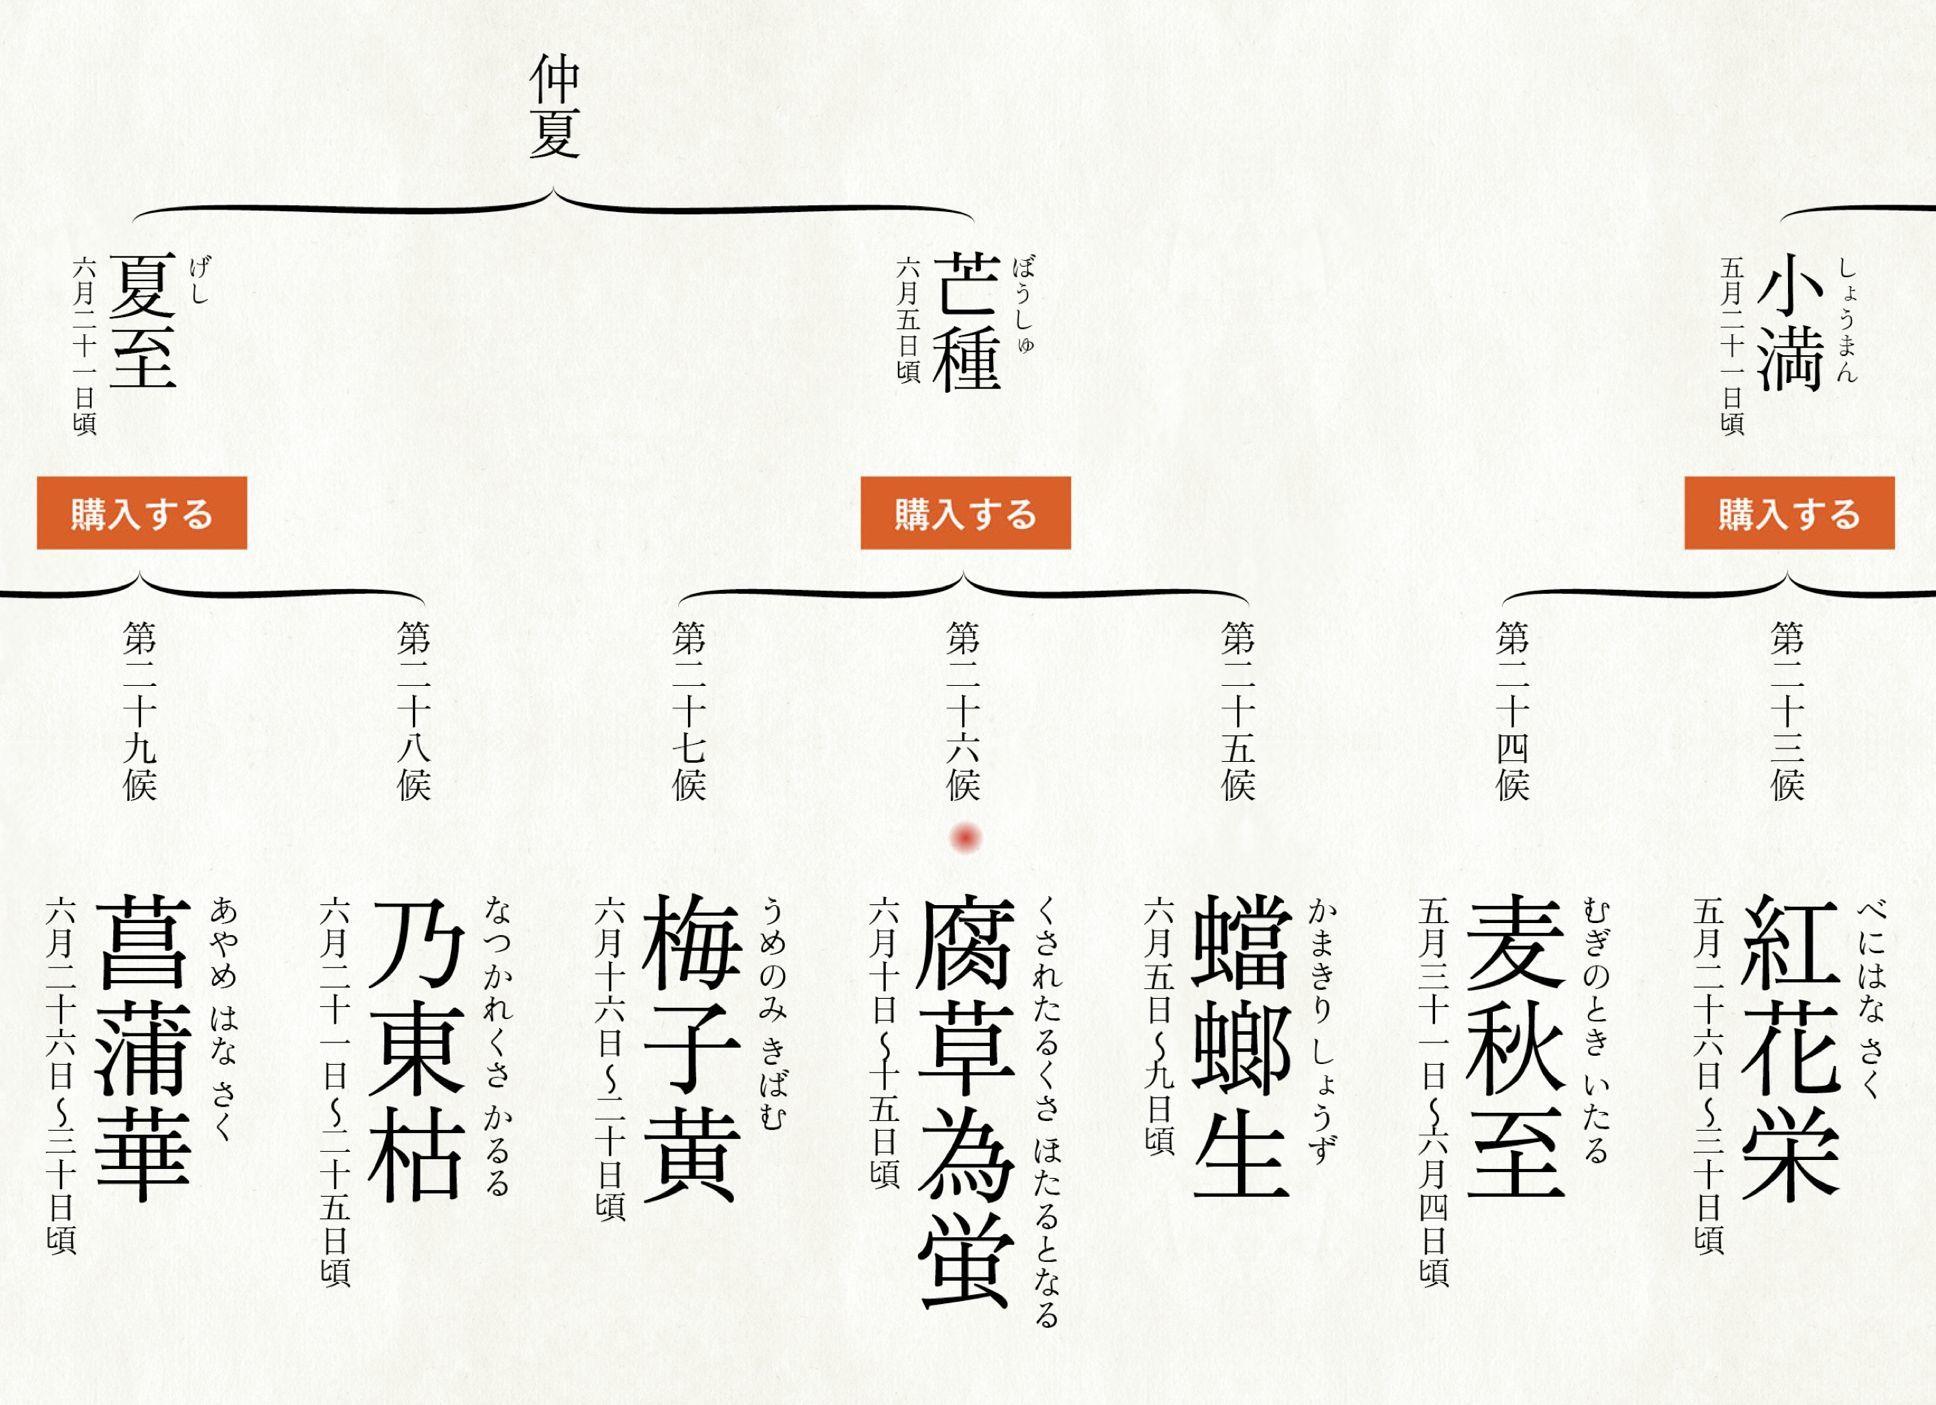 札幌にも東区にも真夏日がやってきた_c0025115_21242420.jpg